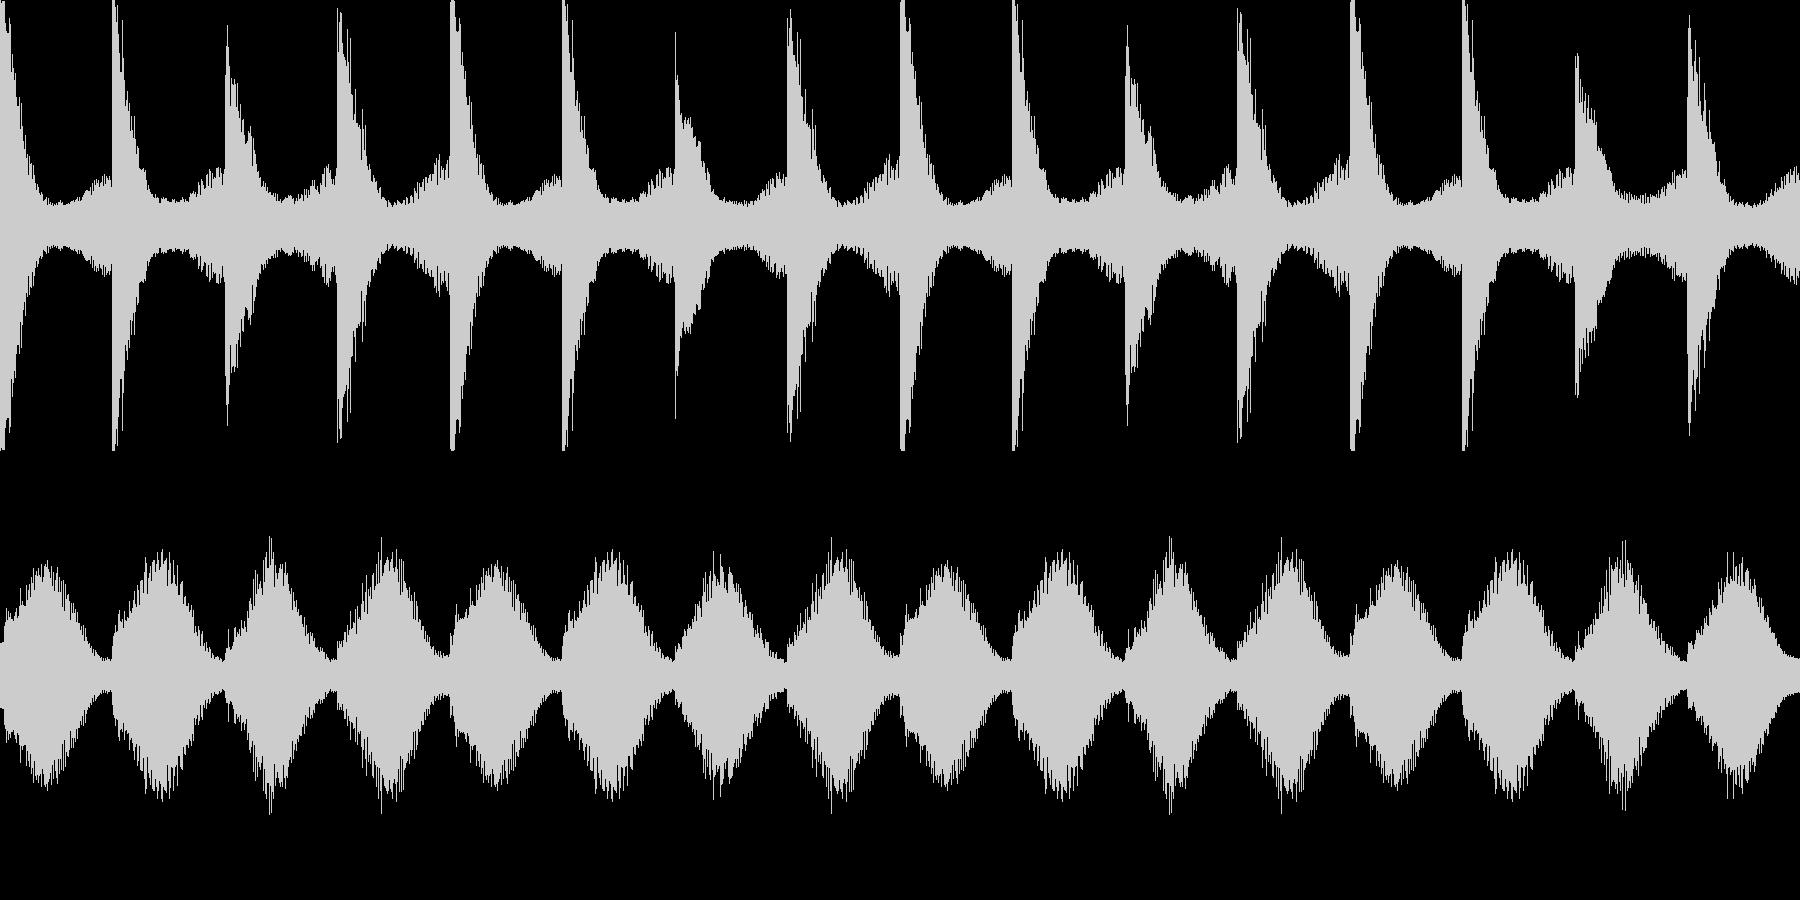 【エレピ】悲しげ ピアノの未再生の波形